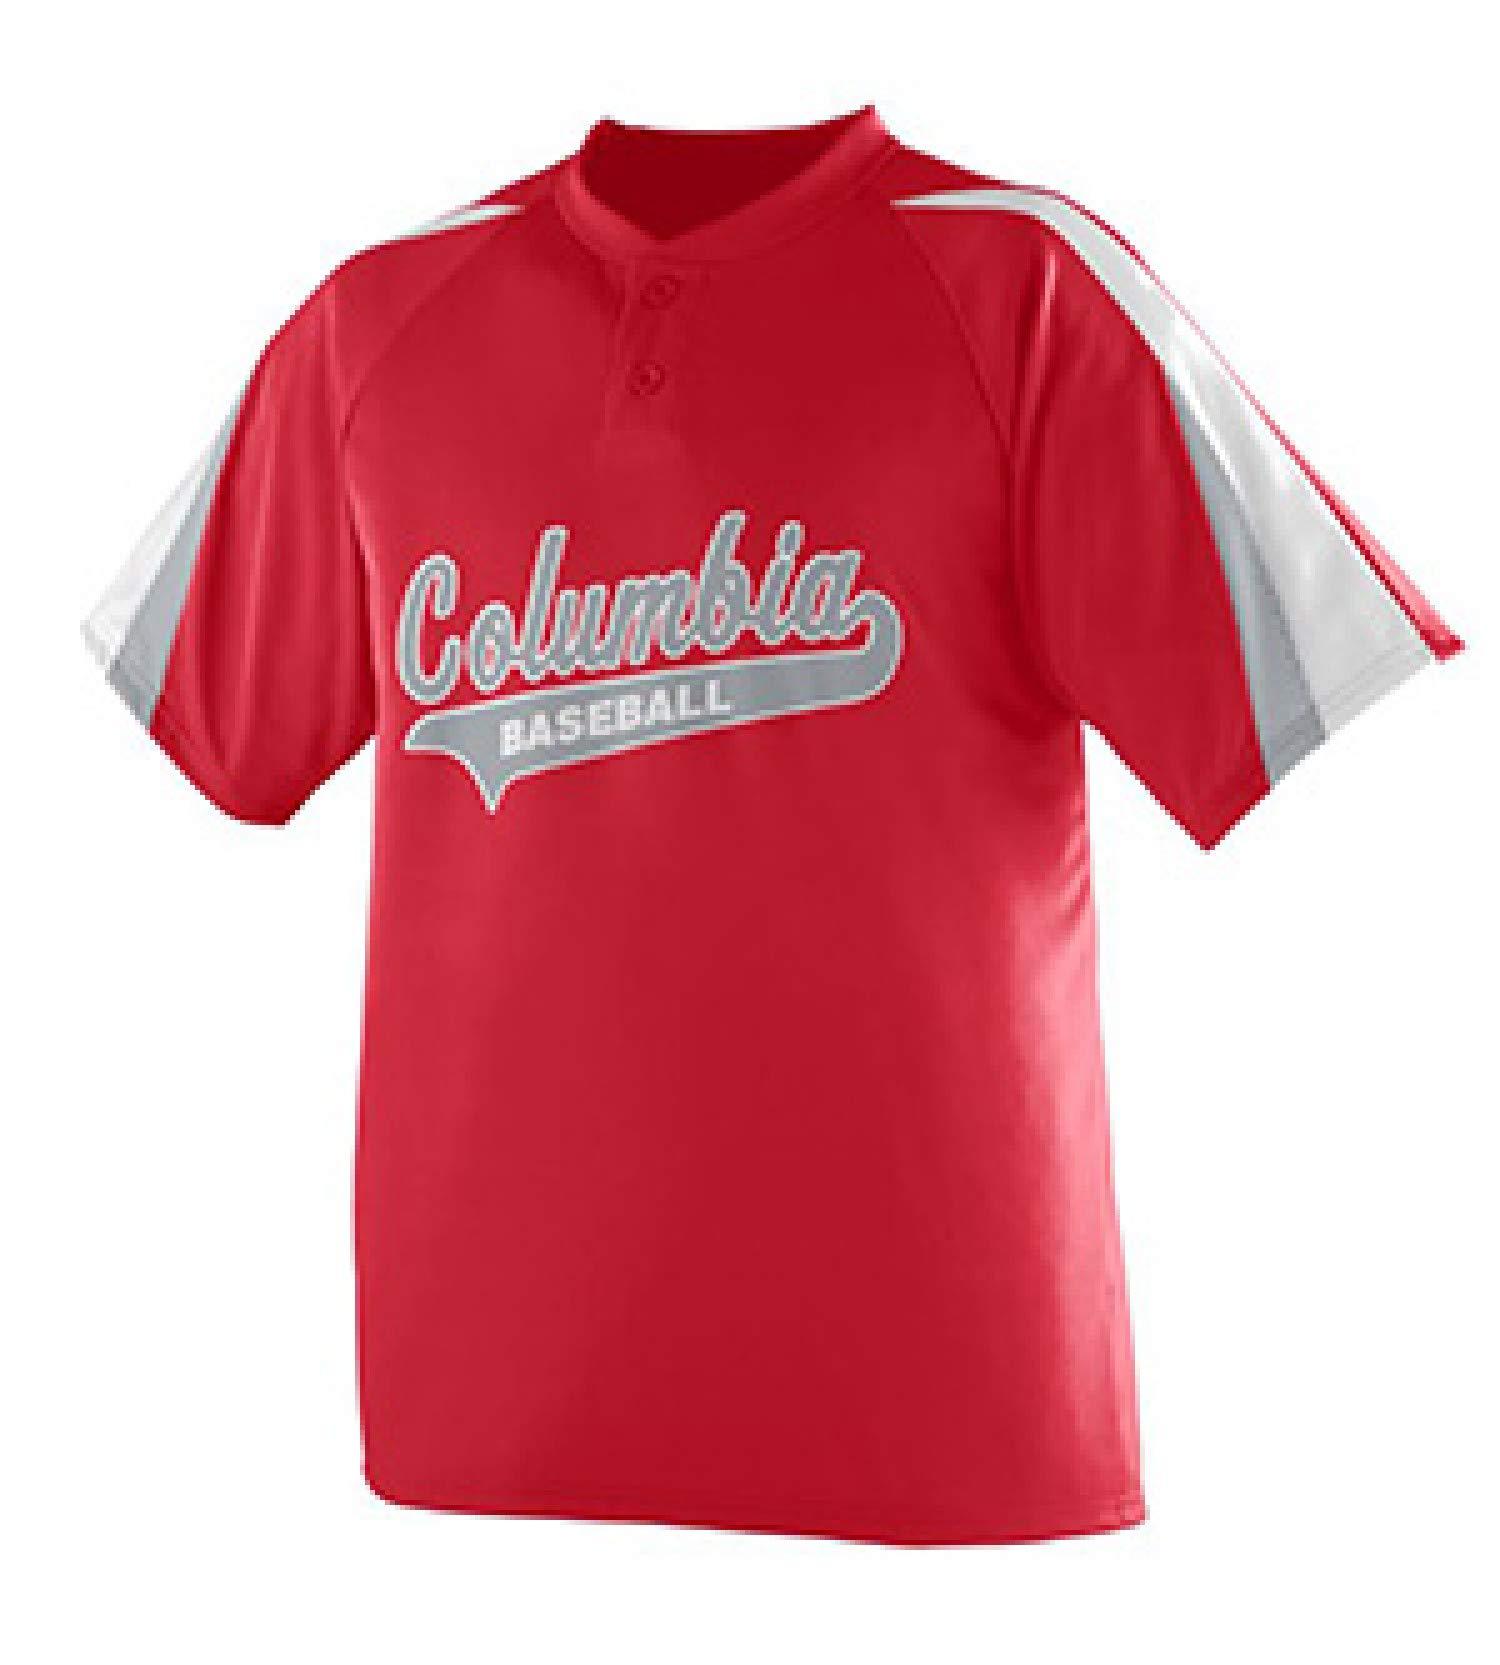 Augusta Sportswear MEN'S POWER PLUS BASEBALL JERSEY XL Red/White/Silver Grey by Augusta Sportswear